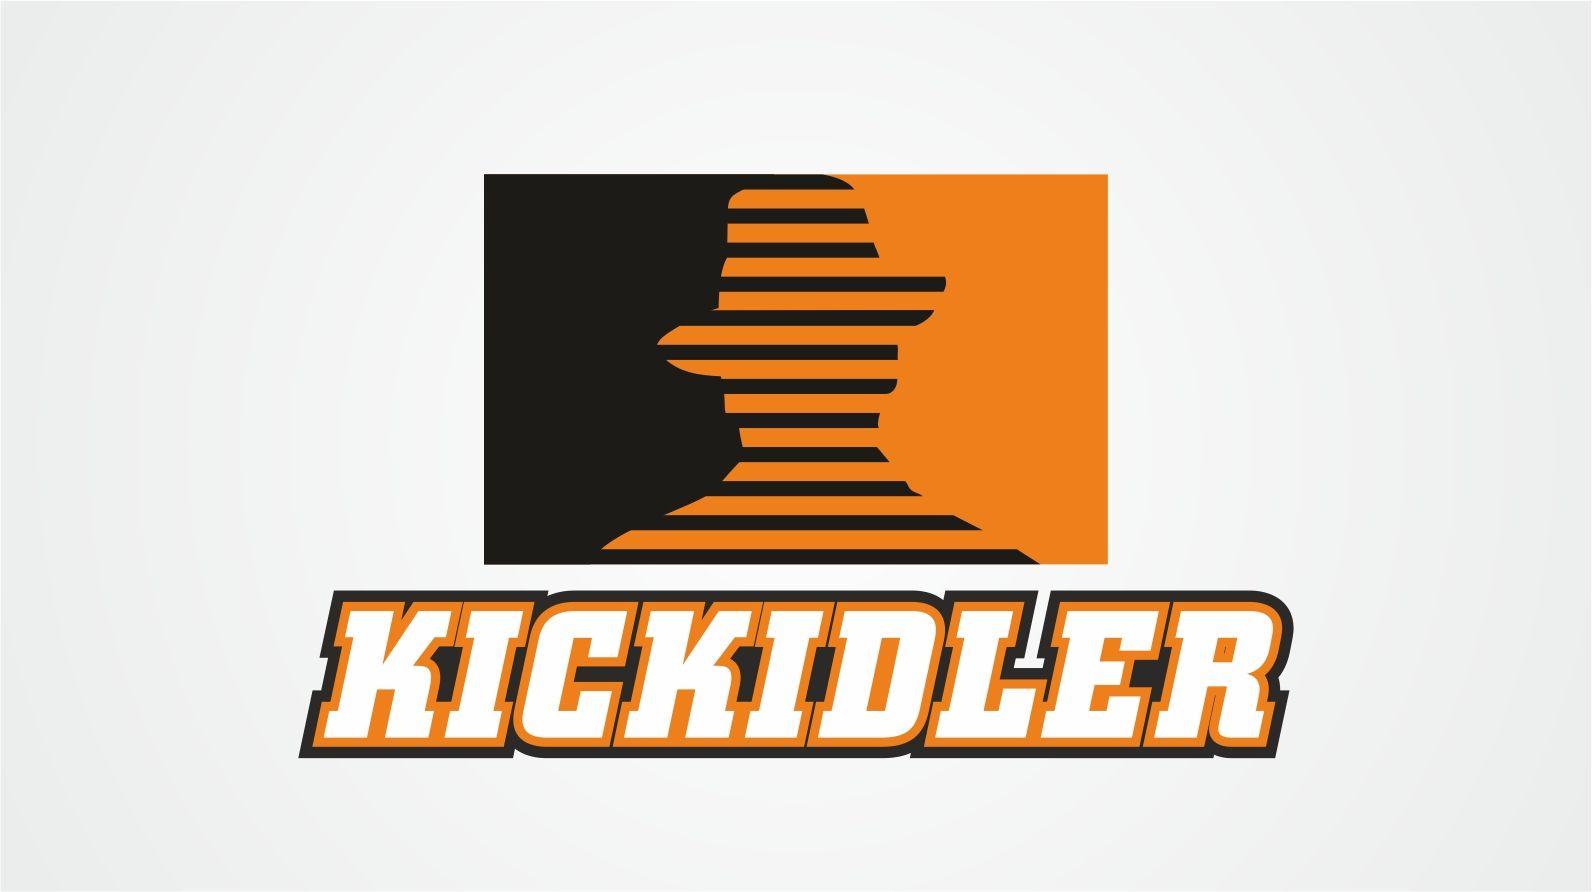 Логотип для клиента РА Маньяко - дизайнер graphin4ik